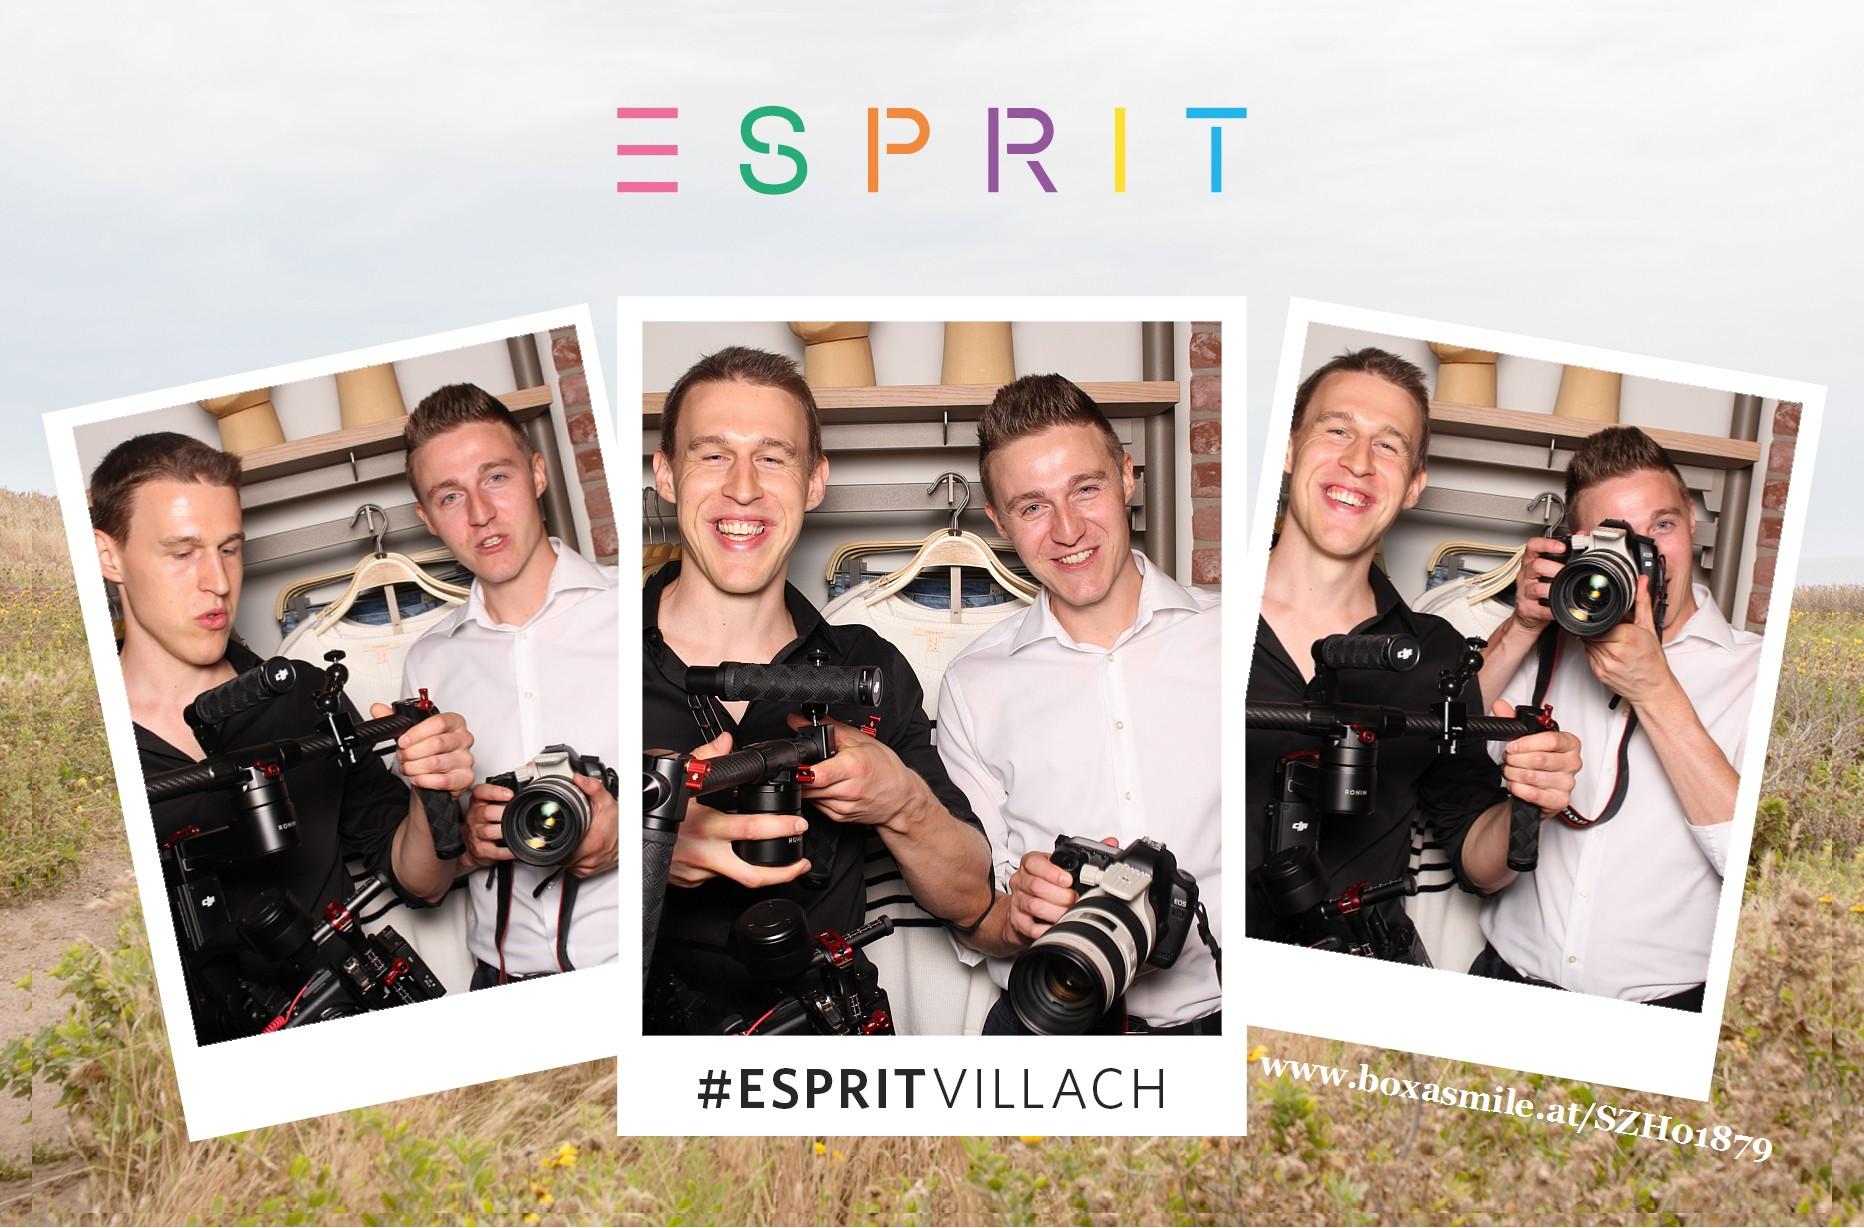 Sebastian Proprenter und Florian Proprenter bei Esprit Villach im Atrio Video und Foto Marketing